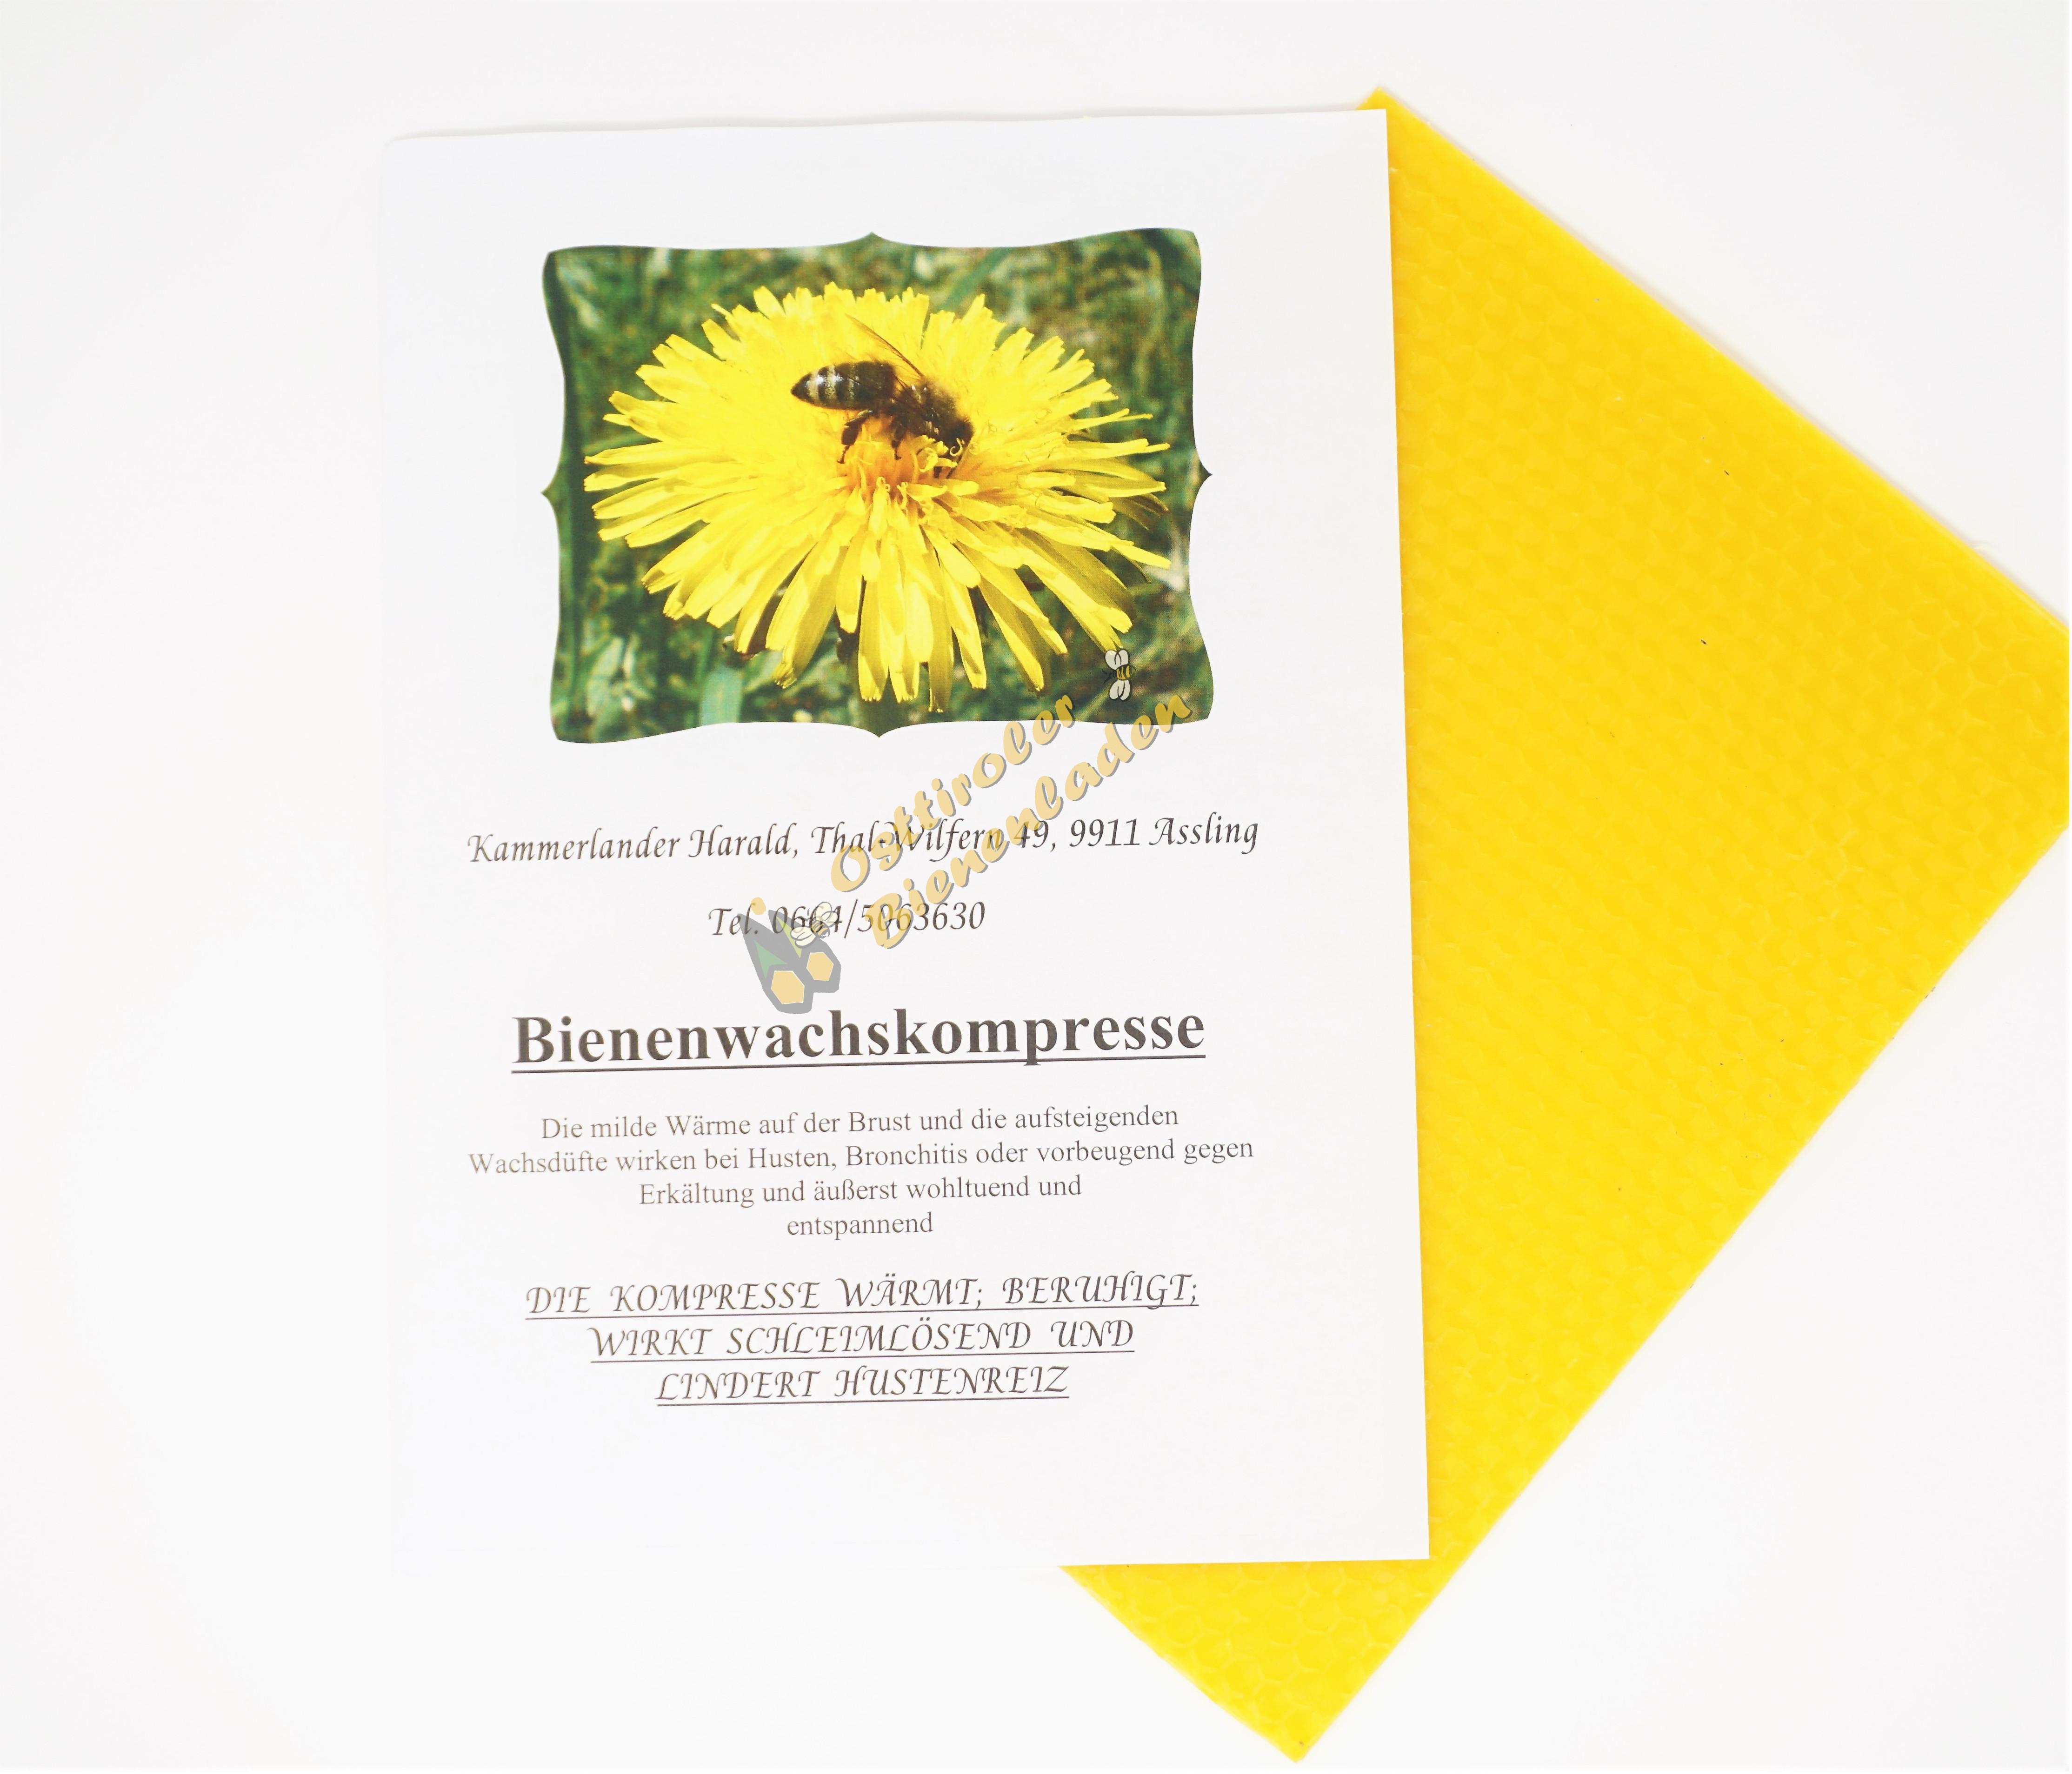 Bienenwachskompresse